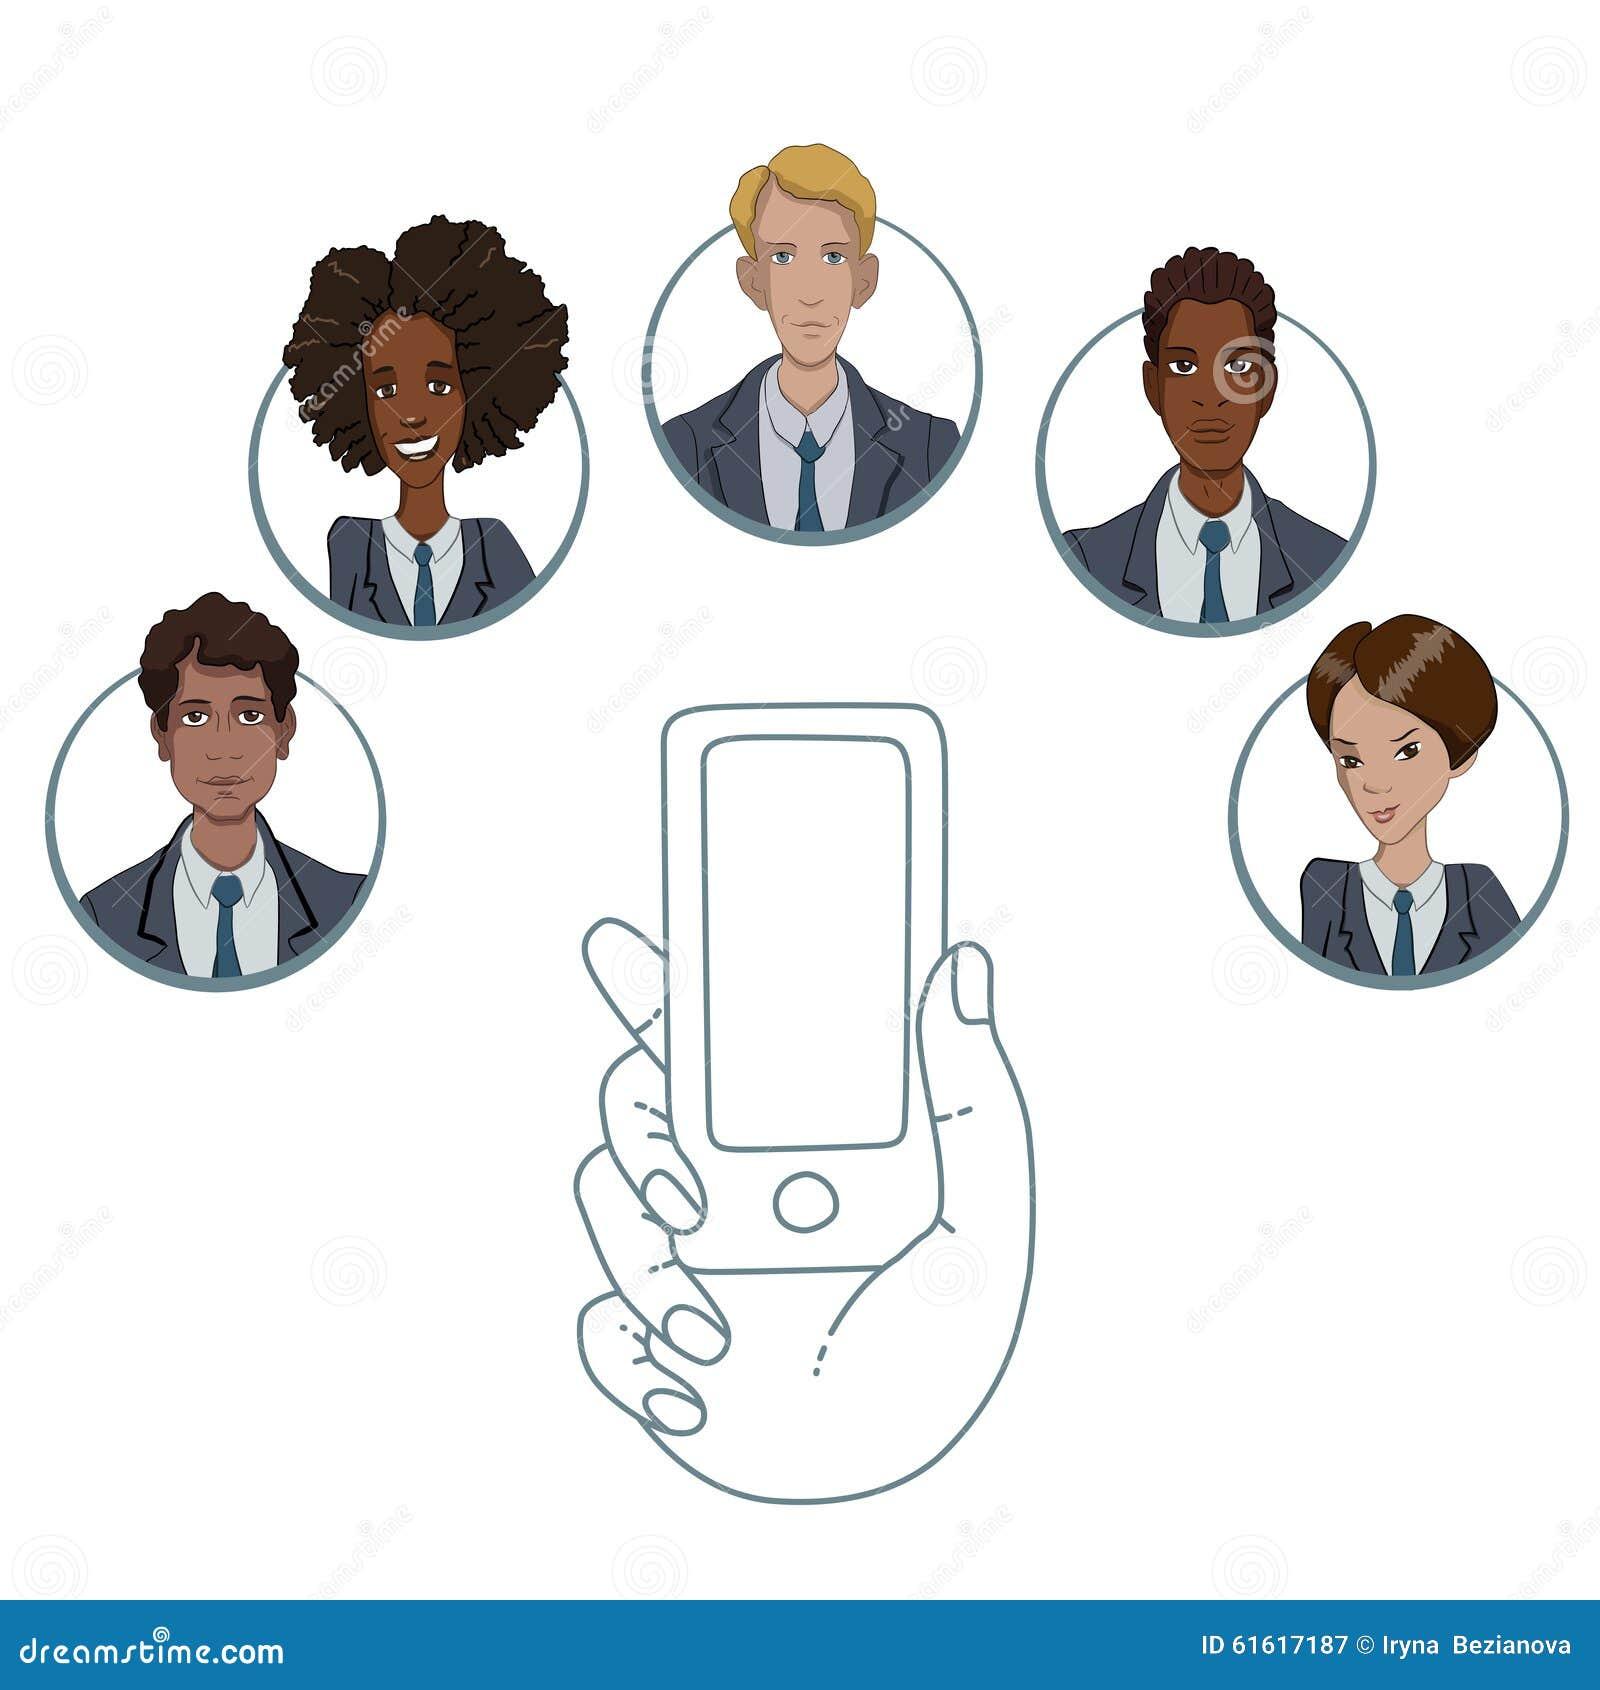 Mobiele app voor samenwerking tussen verschillende arbeiders